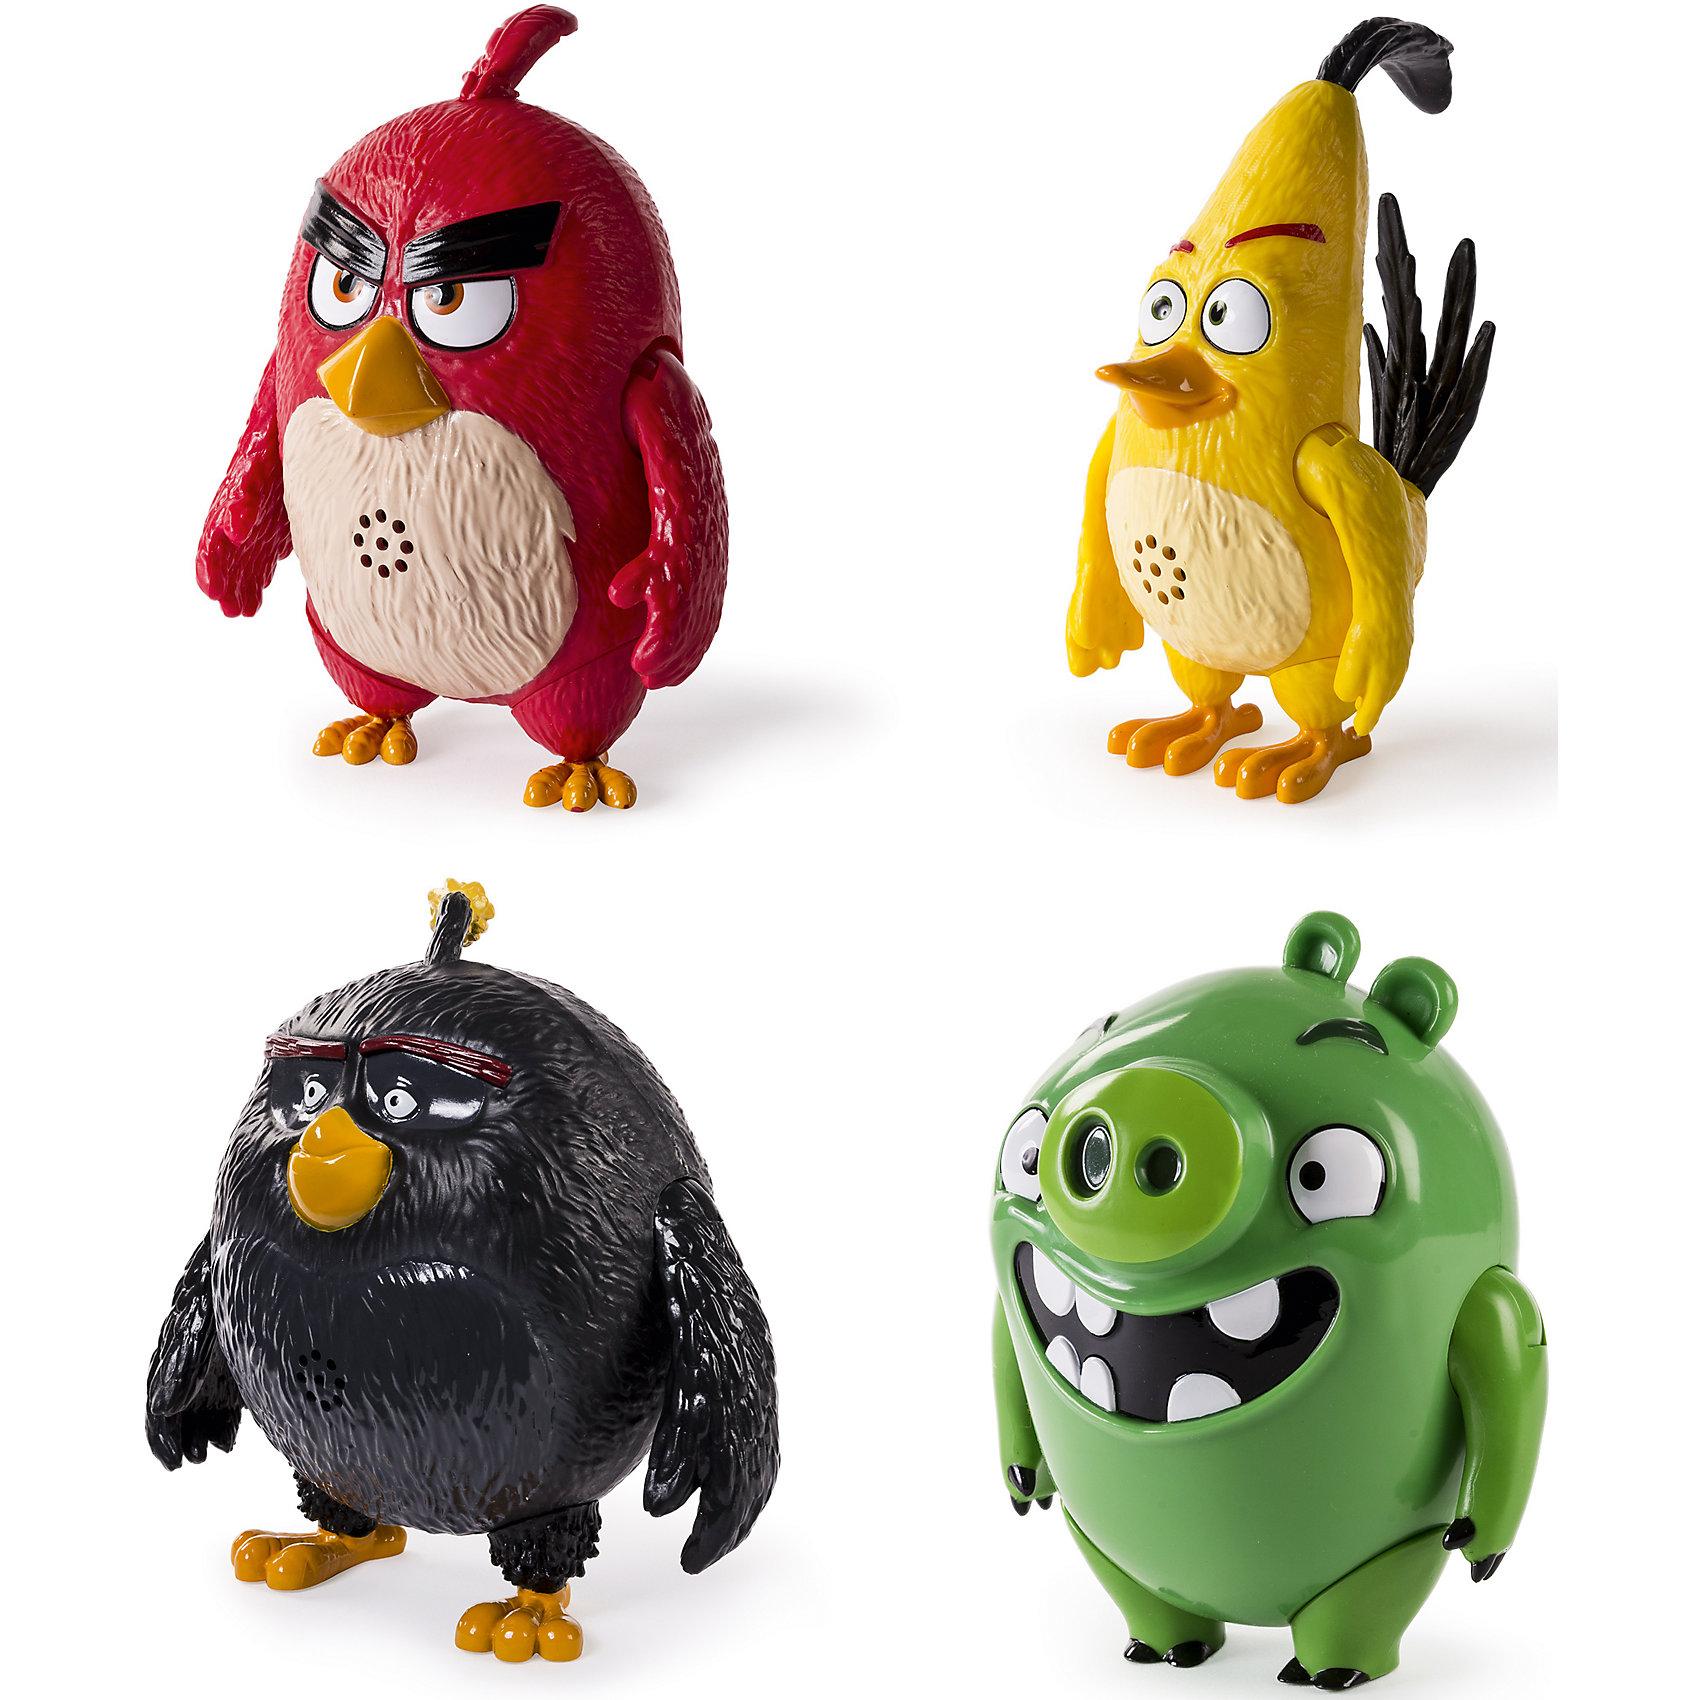 Игрушка Интерактивная говорящая птица, Angry BirdsКоллекционные и игровые фигурки<br>Подвижная фигурка со звуком<br>(только английский язык)<br>* Звуки и фразы из мультфильма<br>4 вида в ассортименте                          Выбранный вариант в поставке не гарантирован.<br><br>Ширина мм: 170<br>Глубина мм: 210<br>Высота мм: 110<br>Вес г: 400<br>Возраст от месяцев: 36<br>Возраст до месяцев: 192<br>Пол: Унисекс<br>Возраст: Детский<br>SKU: 4663719